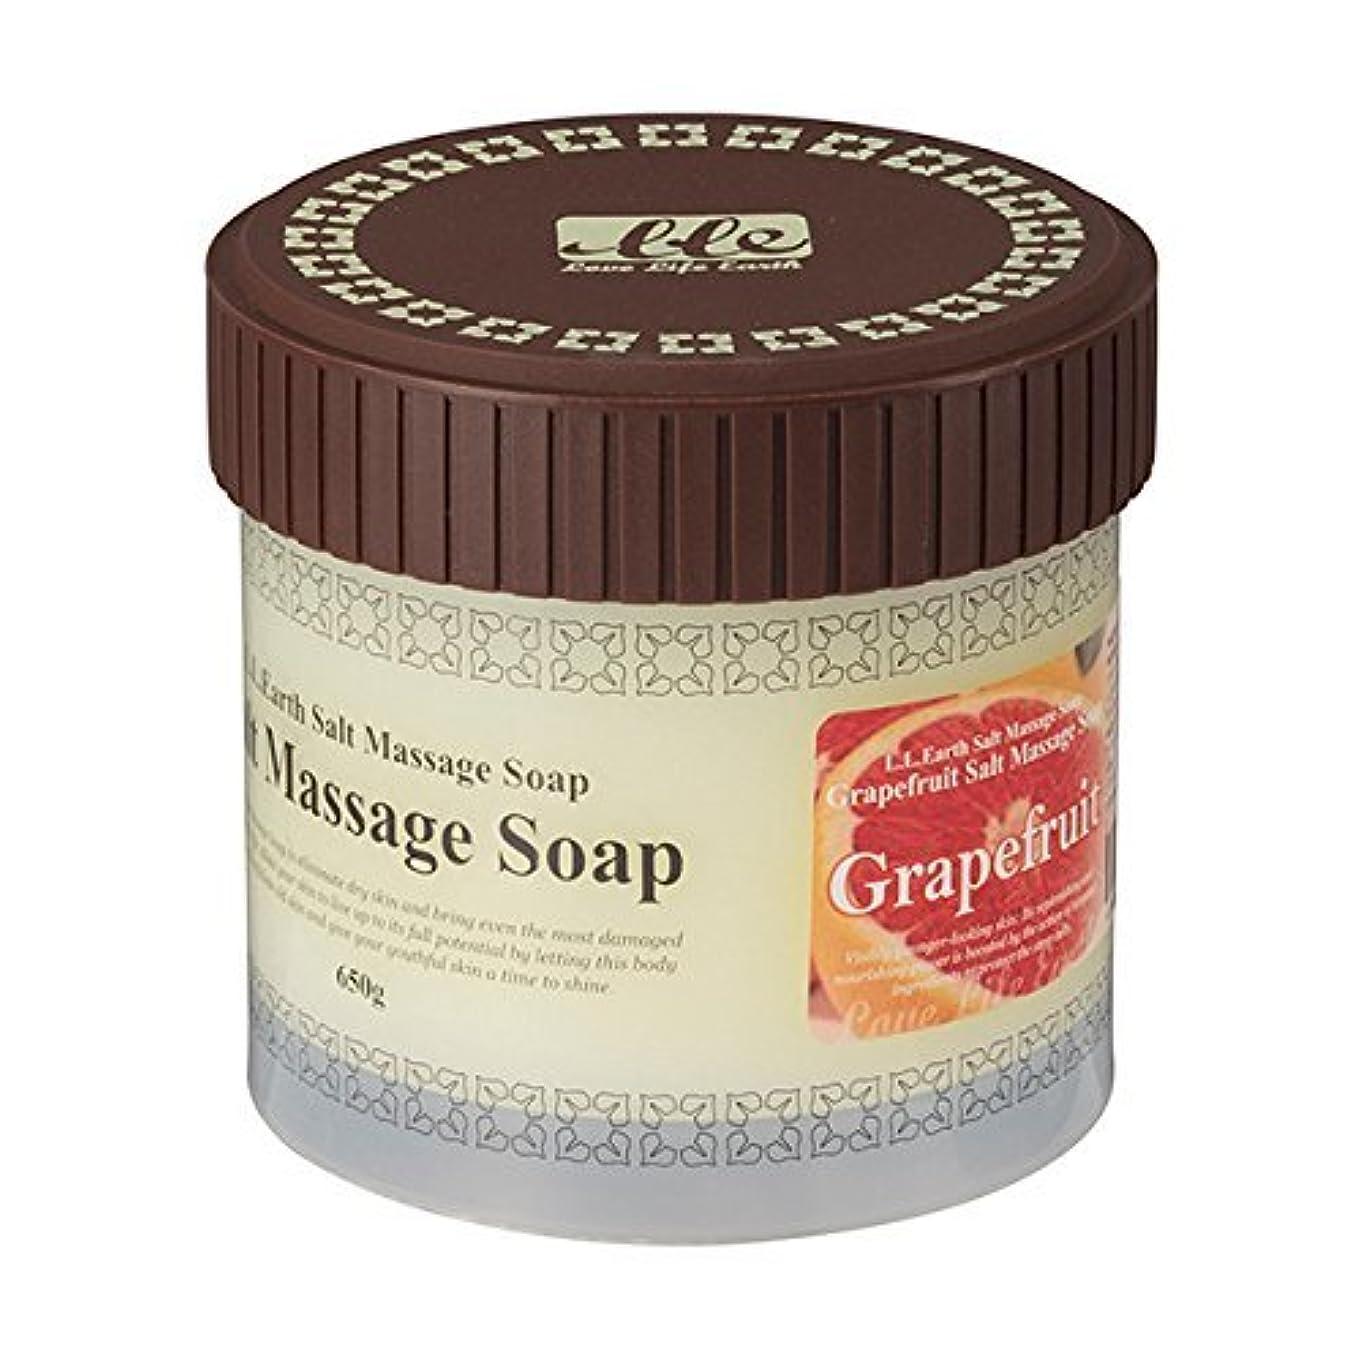 またスペース順番LLE 業務用 ソルトマッサージソープ 650g [選べる香り5種類] ( ボディ用 スクラブ ) グレープフルーツ